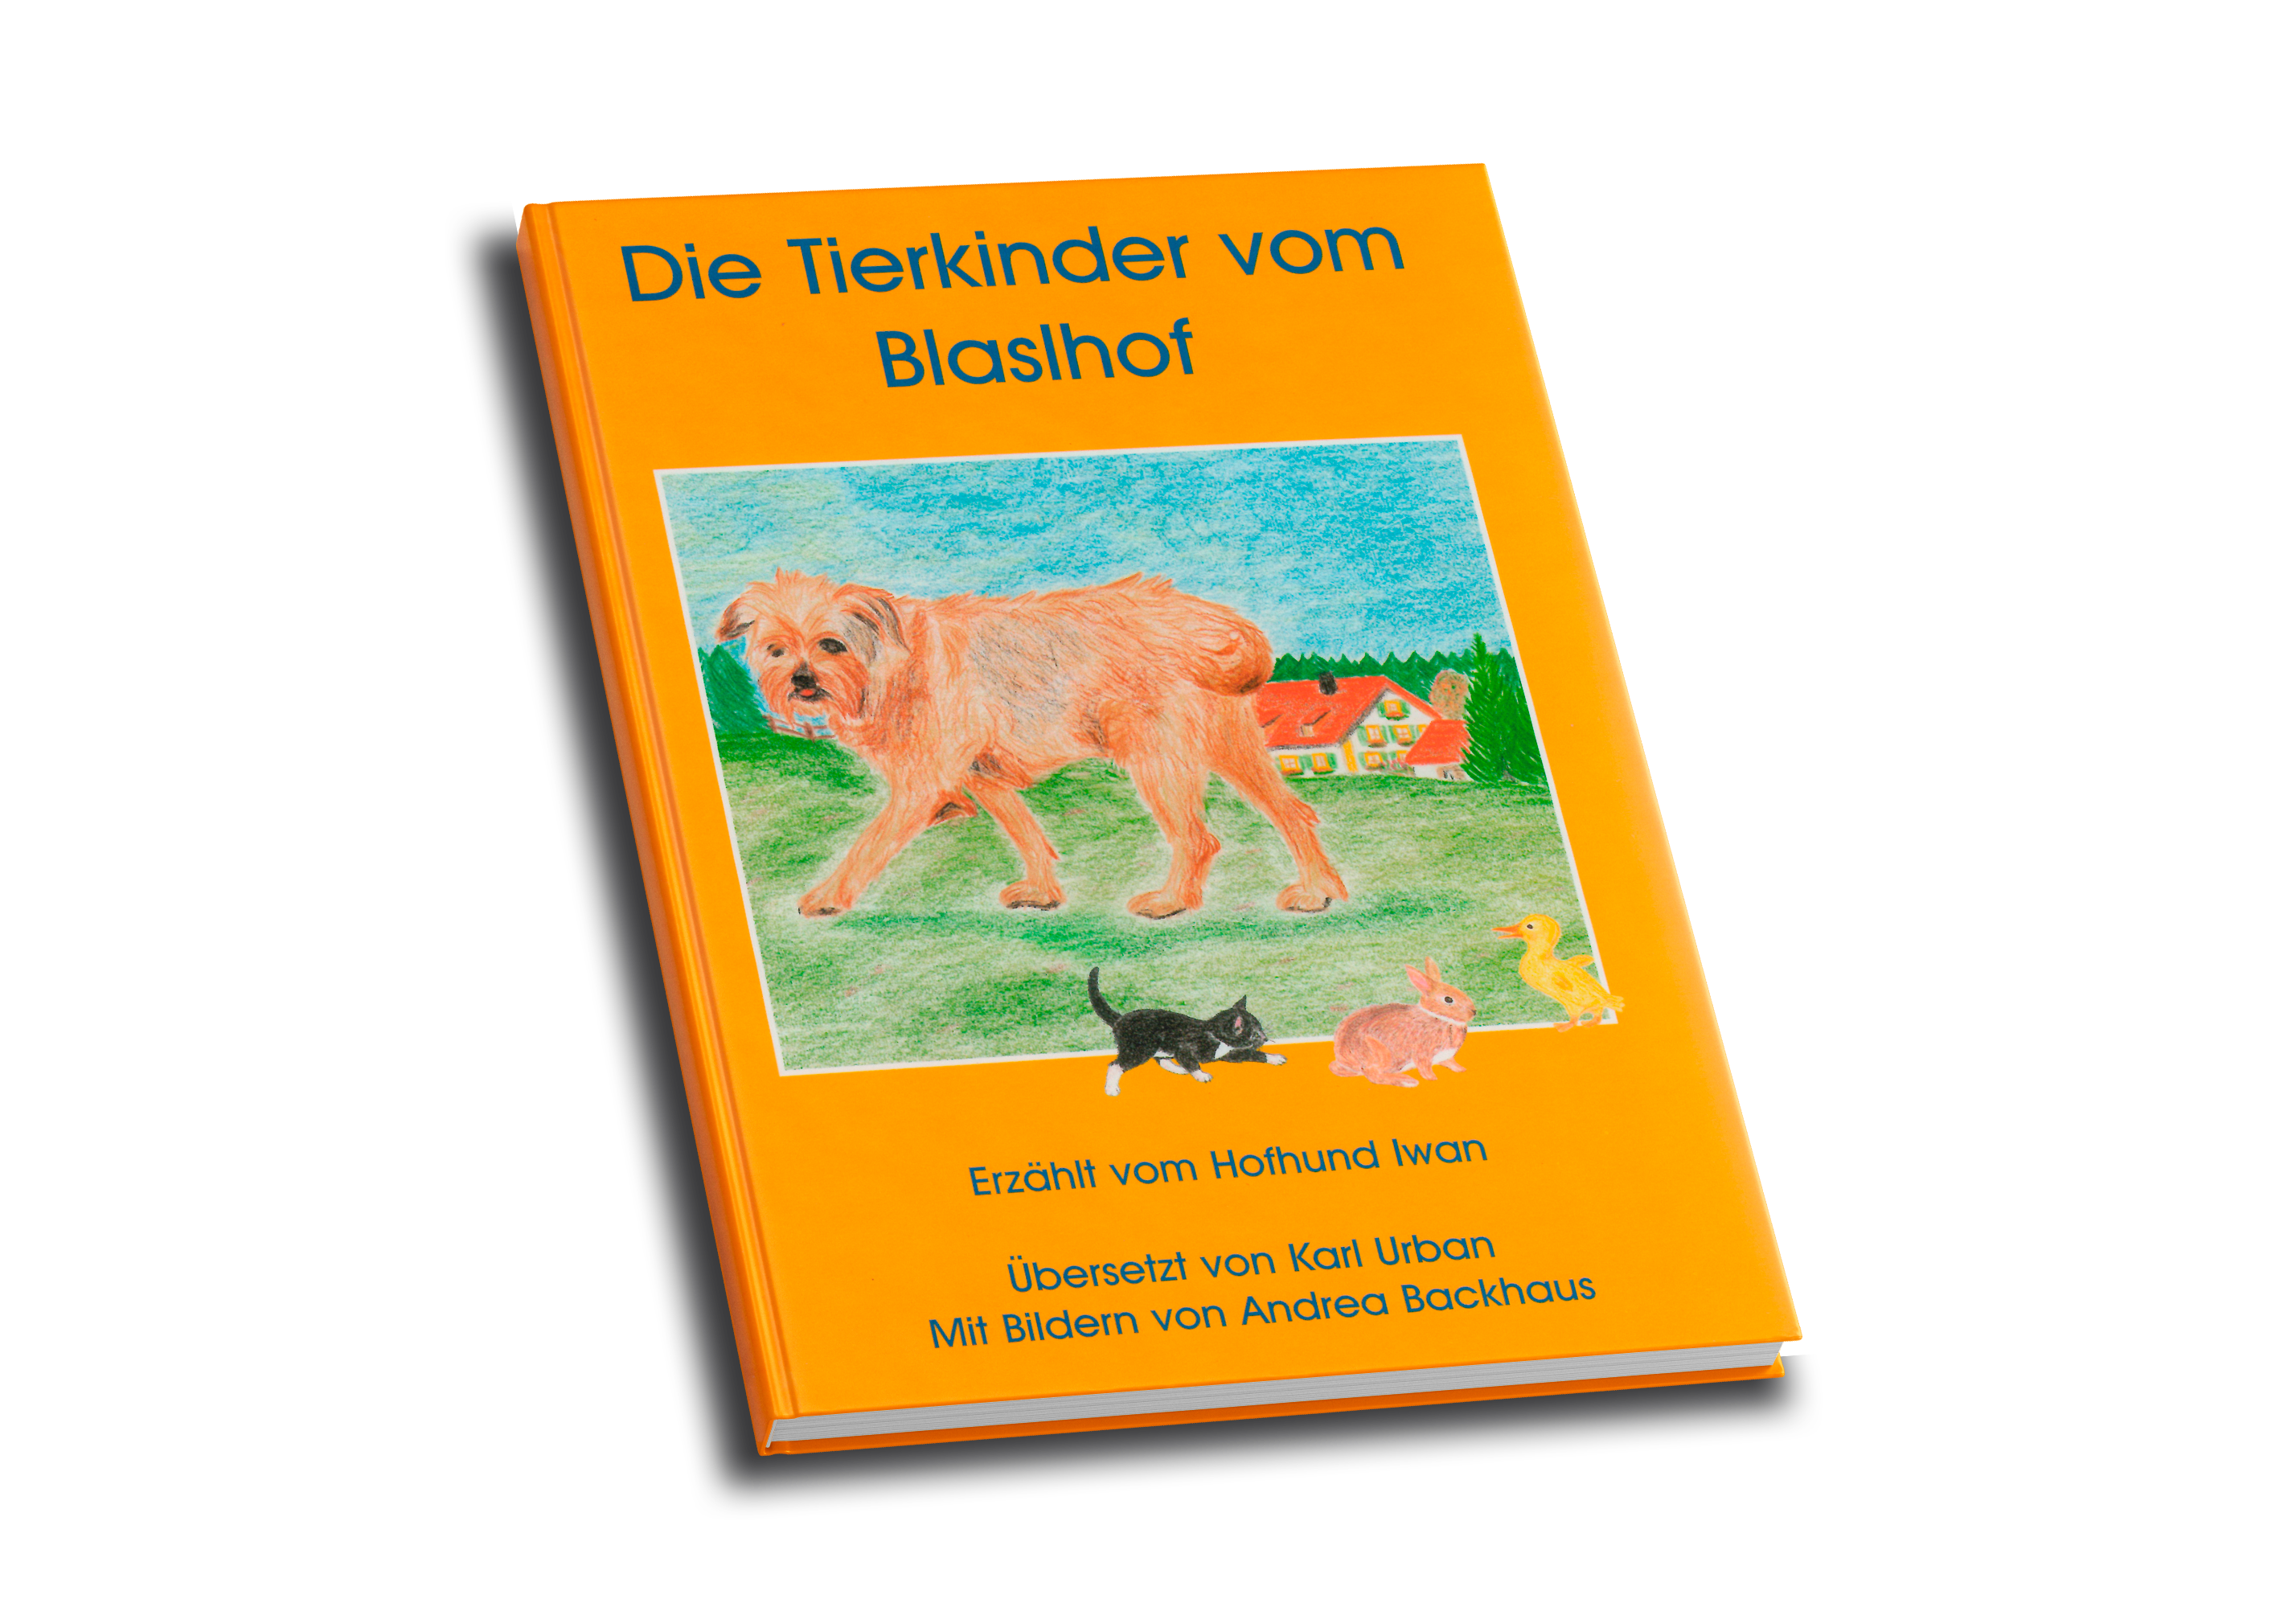 Kinderbuch Bauer Sepp und die Tierkinder vom Blaslhof